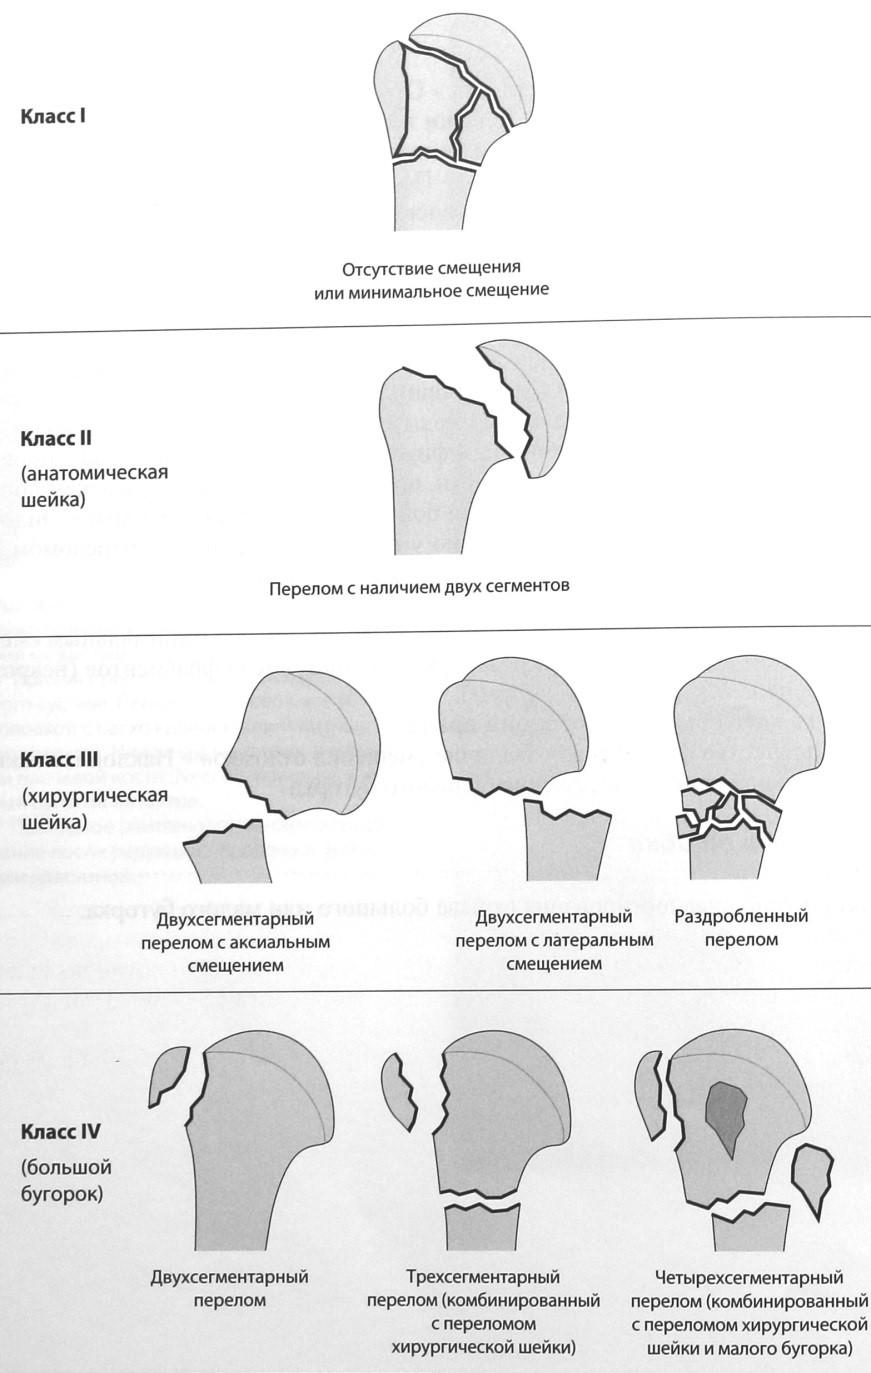 Снимки МРТ и КТ. Перелом проксимальной части плечевой кости